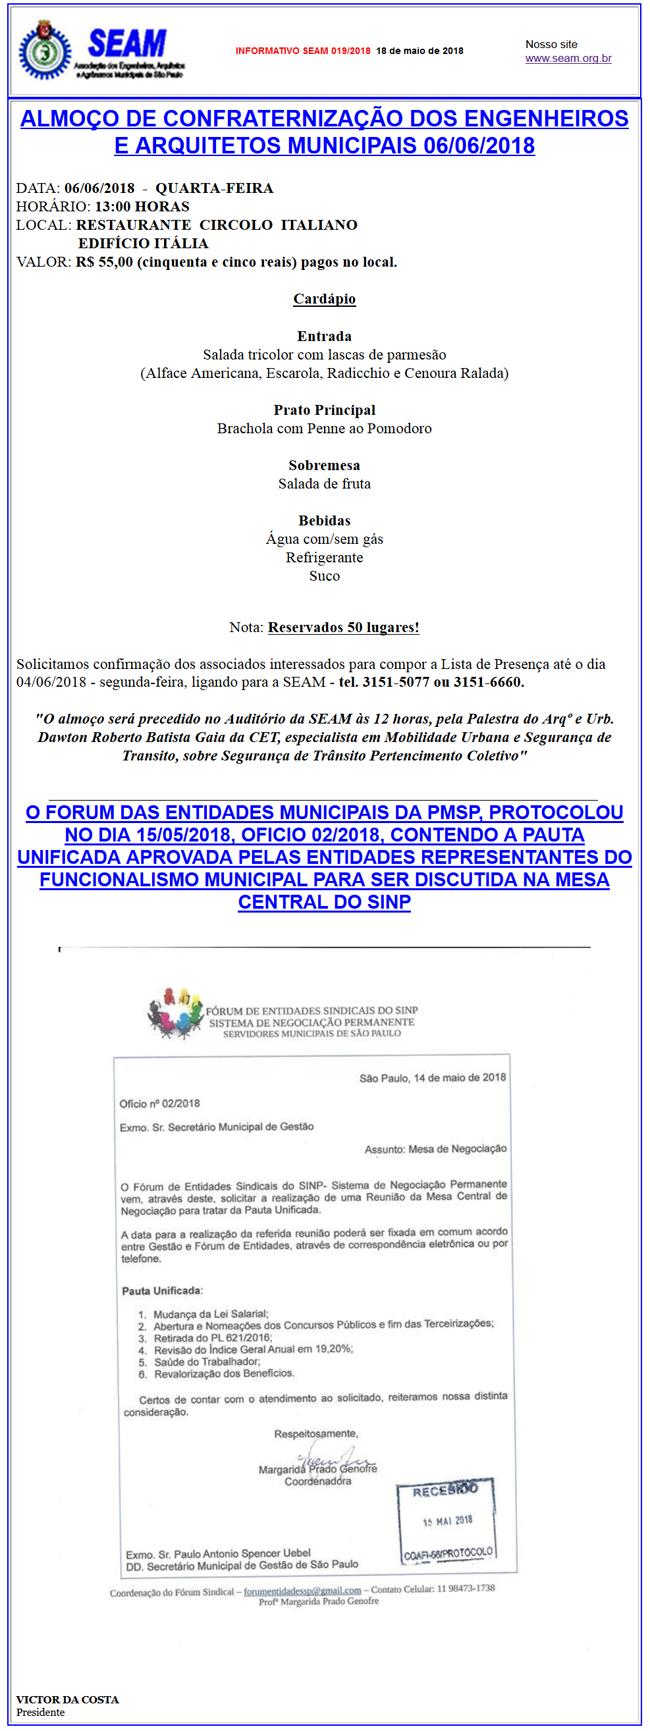 019 – ALMOÇO DE CONFRATERNIZAÇÃO DOS ENGENHEIROS E ARQUITETOS MUNICIPAIS 06/06/2018